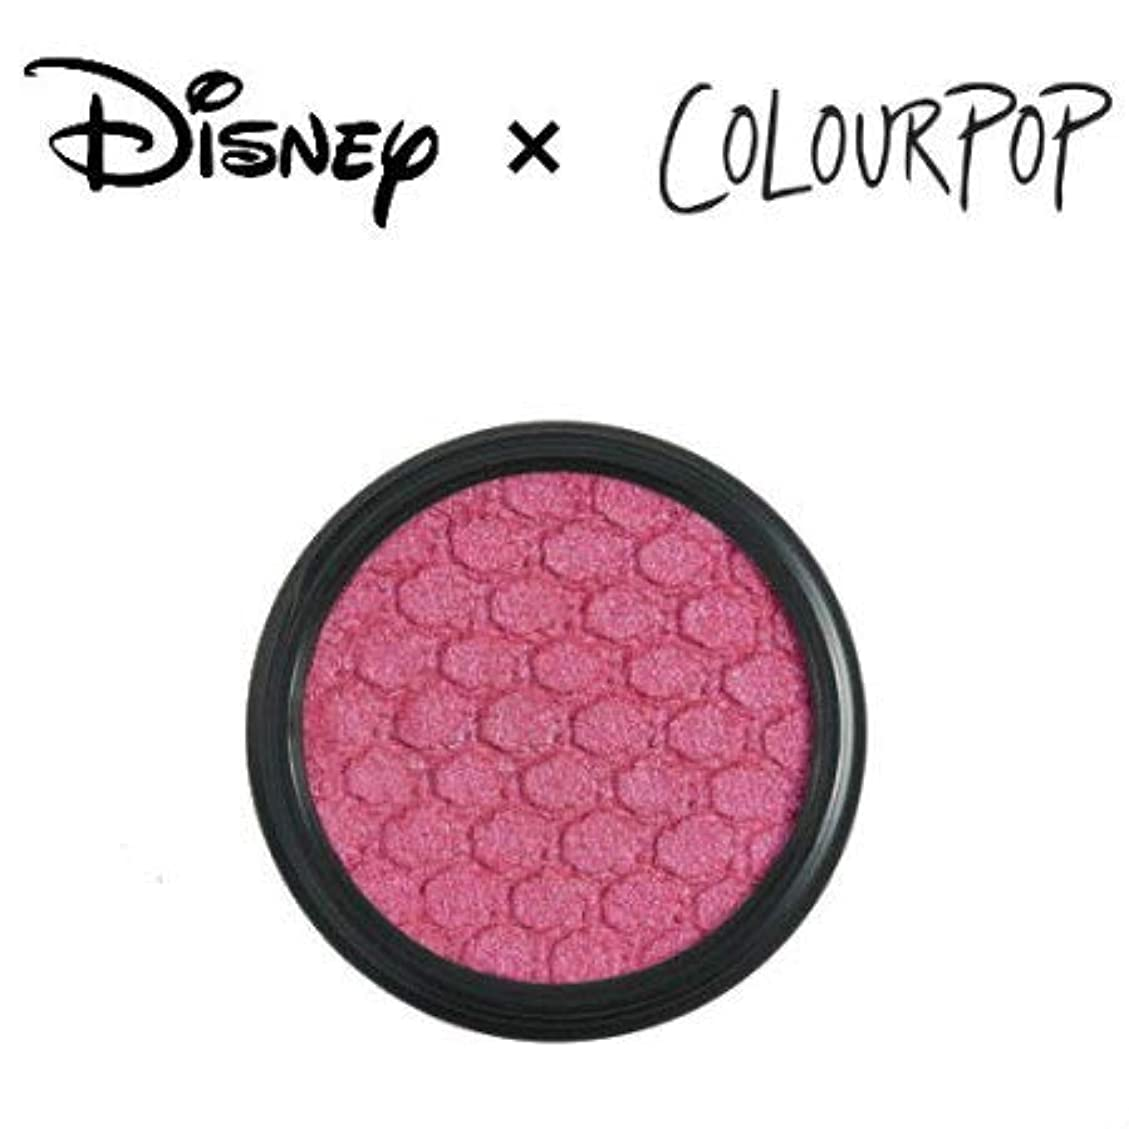 見る幅放棄するカラーポップ COLOURPOP x DISNEY ディズニー プリンセス アイシャドウ BE OUR GUEST(ベリーピンク)